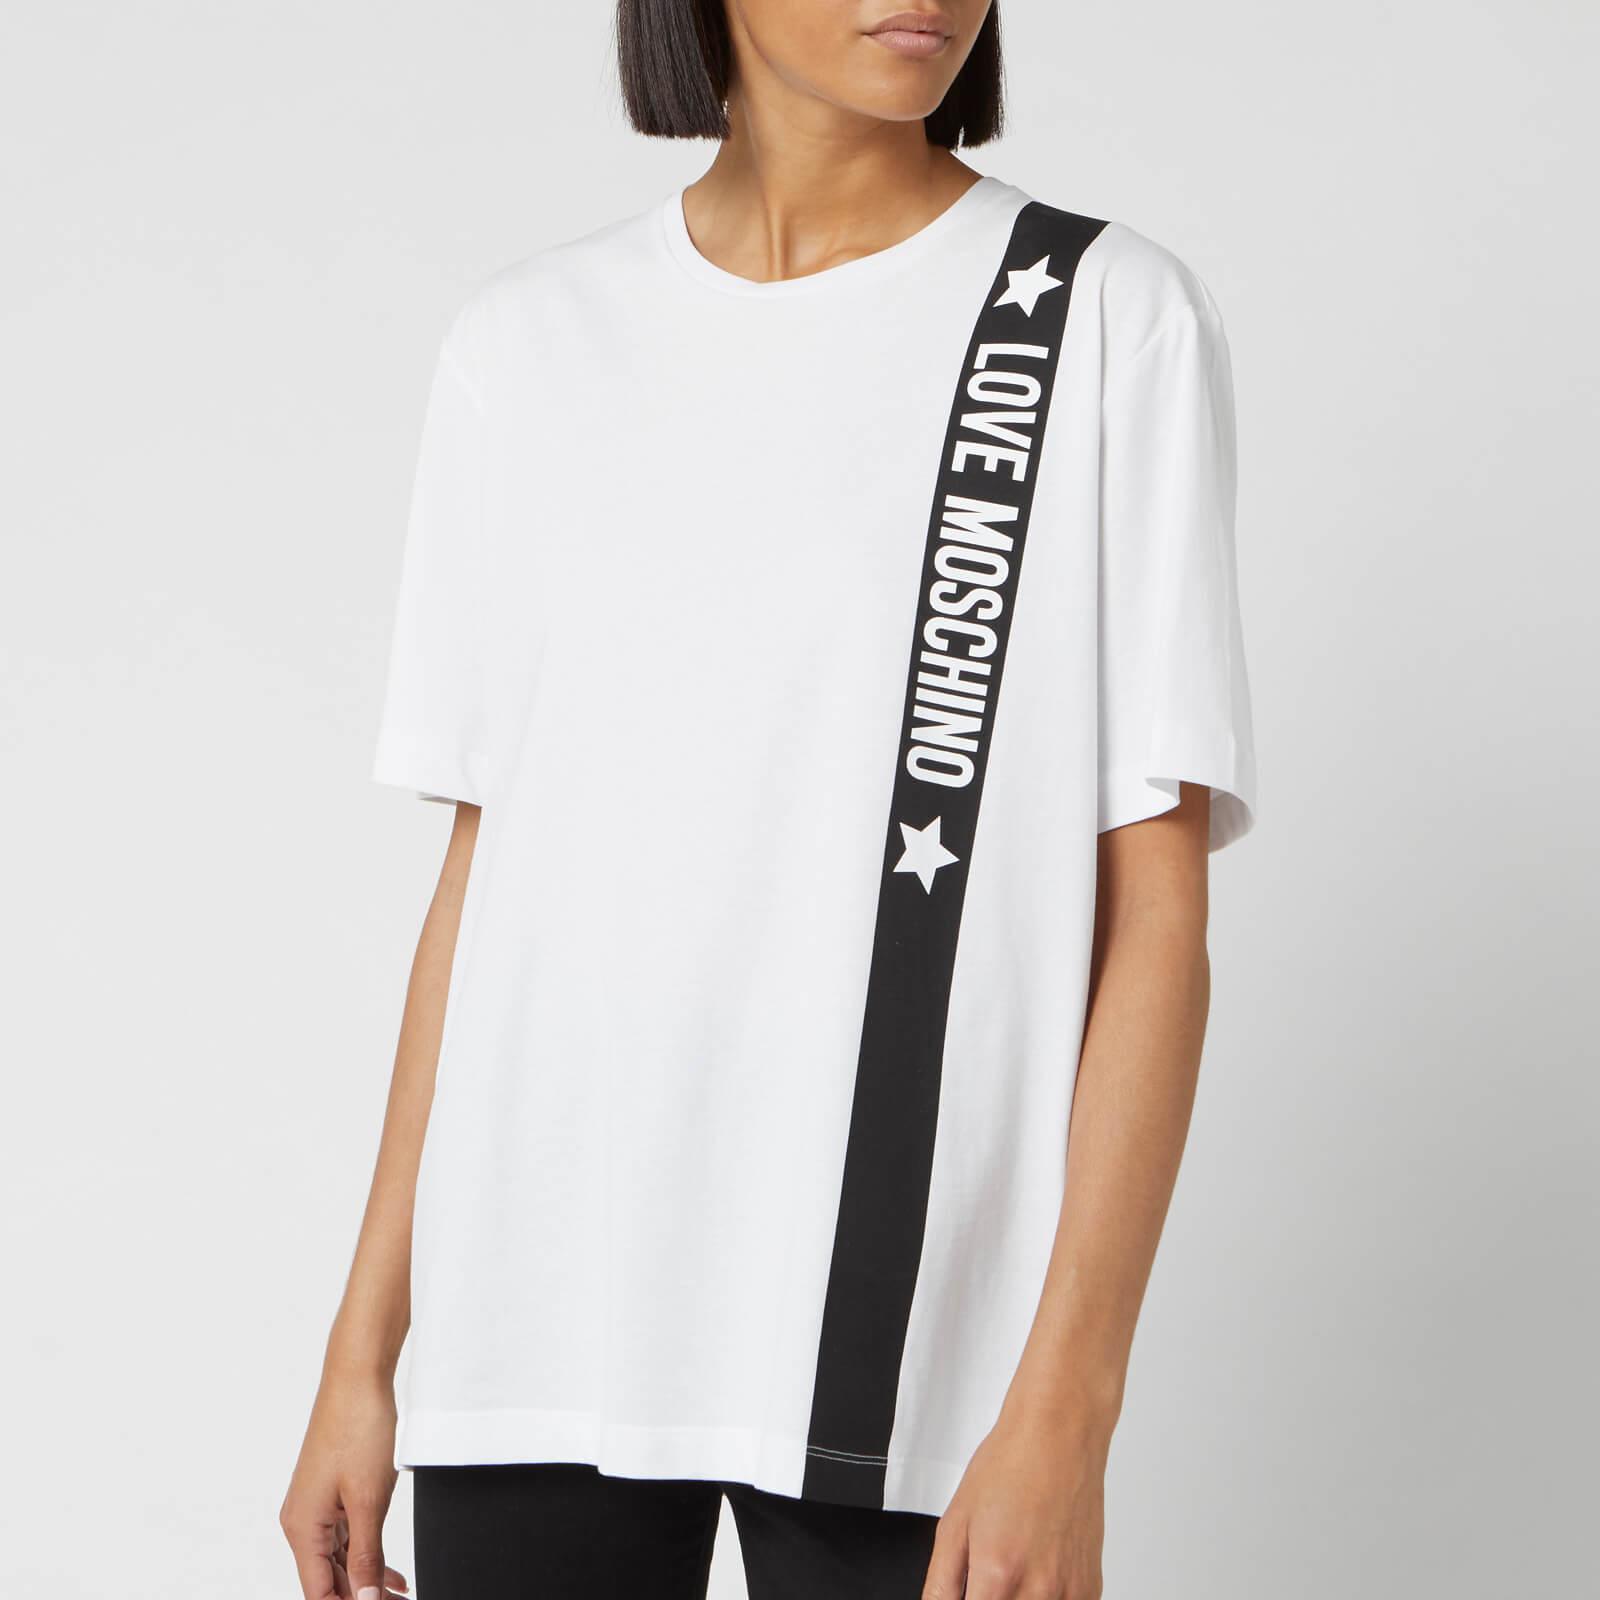 Moschino Love Moschino Women's Tape Logo T-Shirt - Optical White - IT 42/UK 10 - White